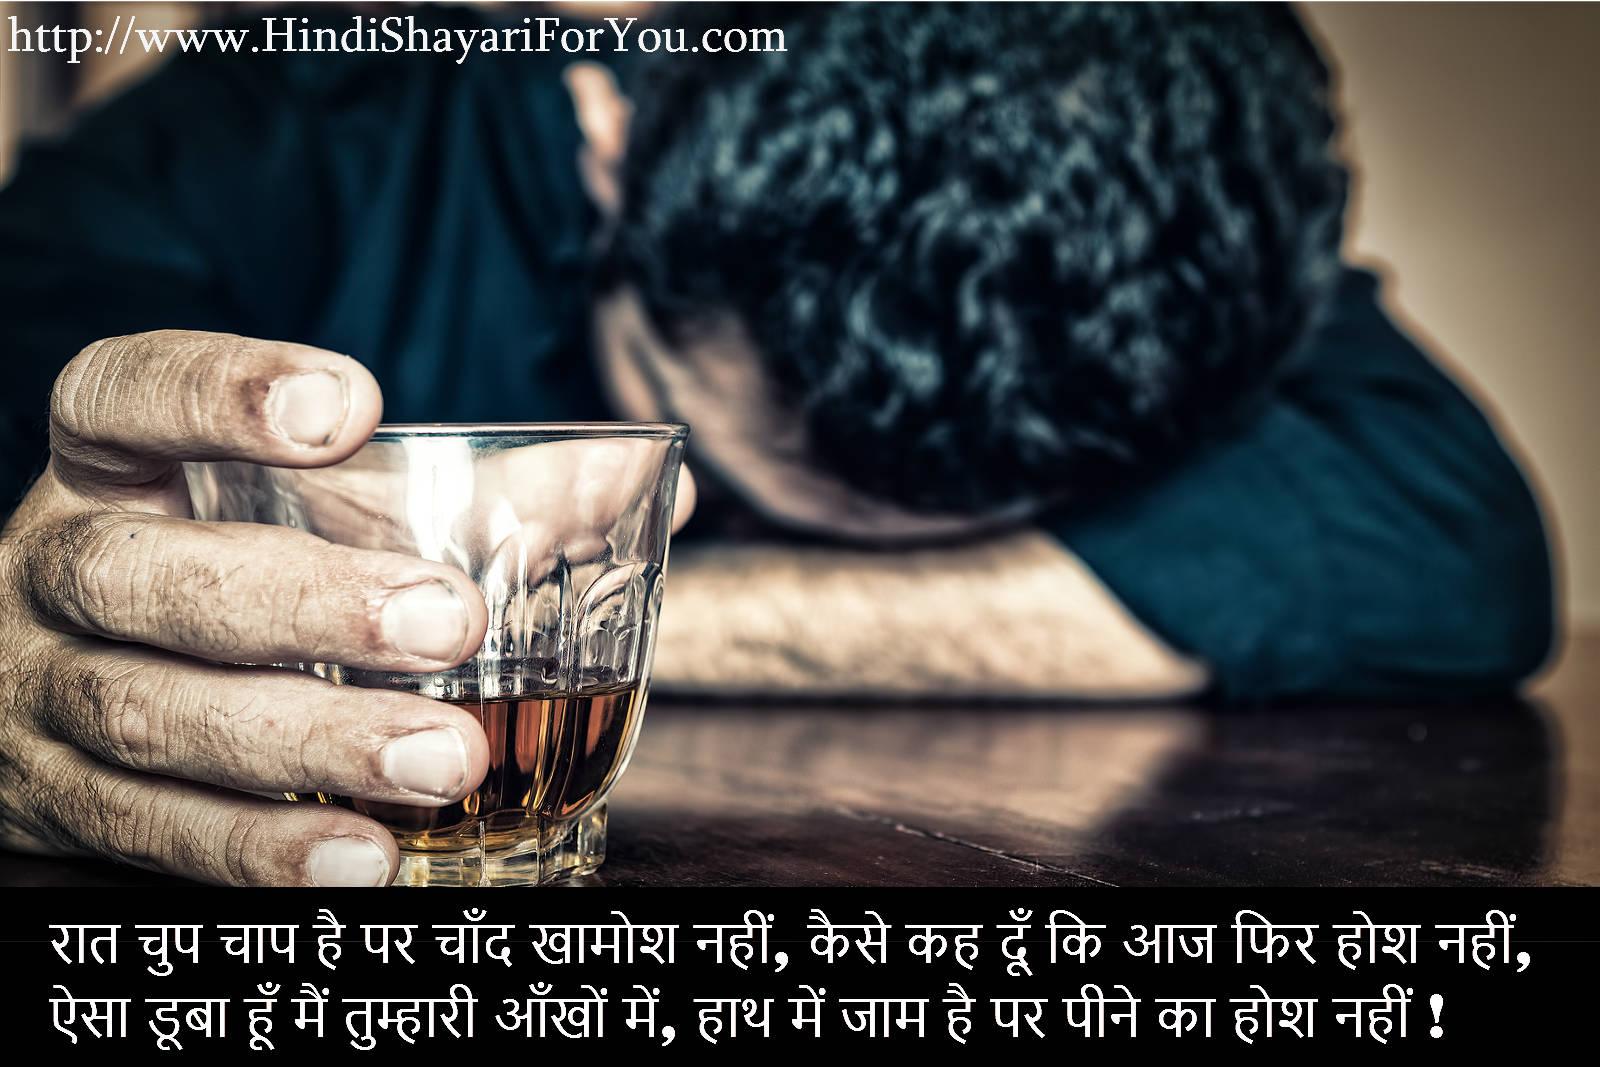 हिन्दी शराबी शायरी - हाथ में जाम है पर पीने का होश नहीं